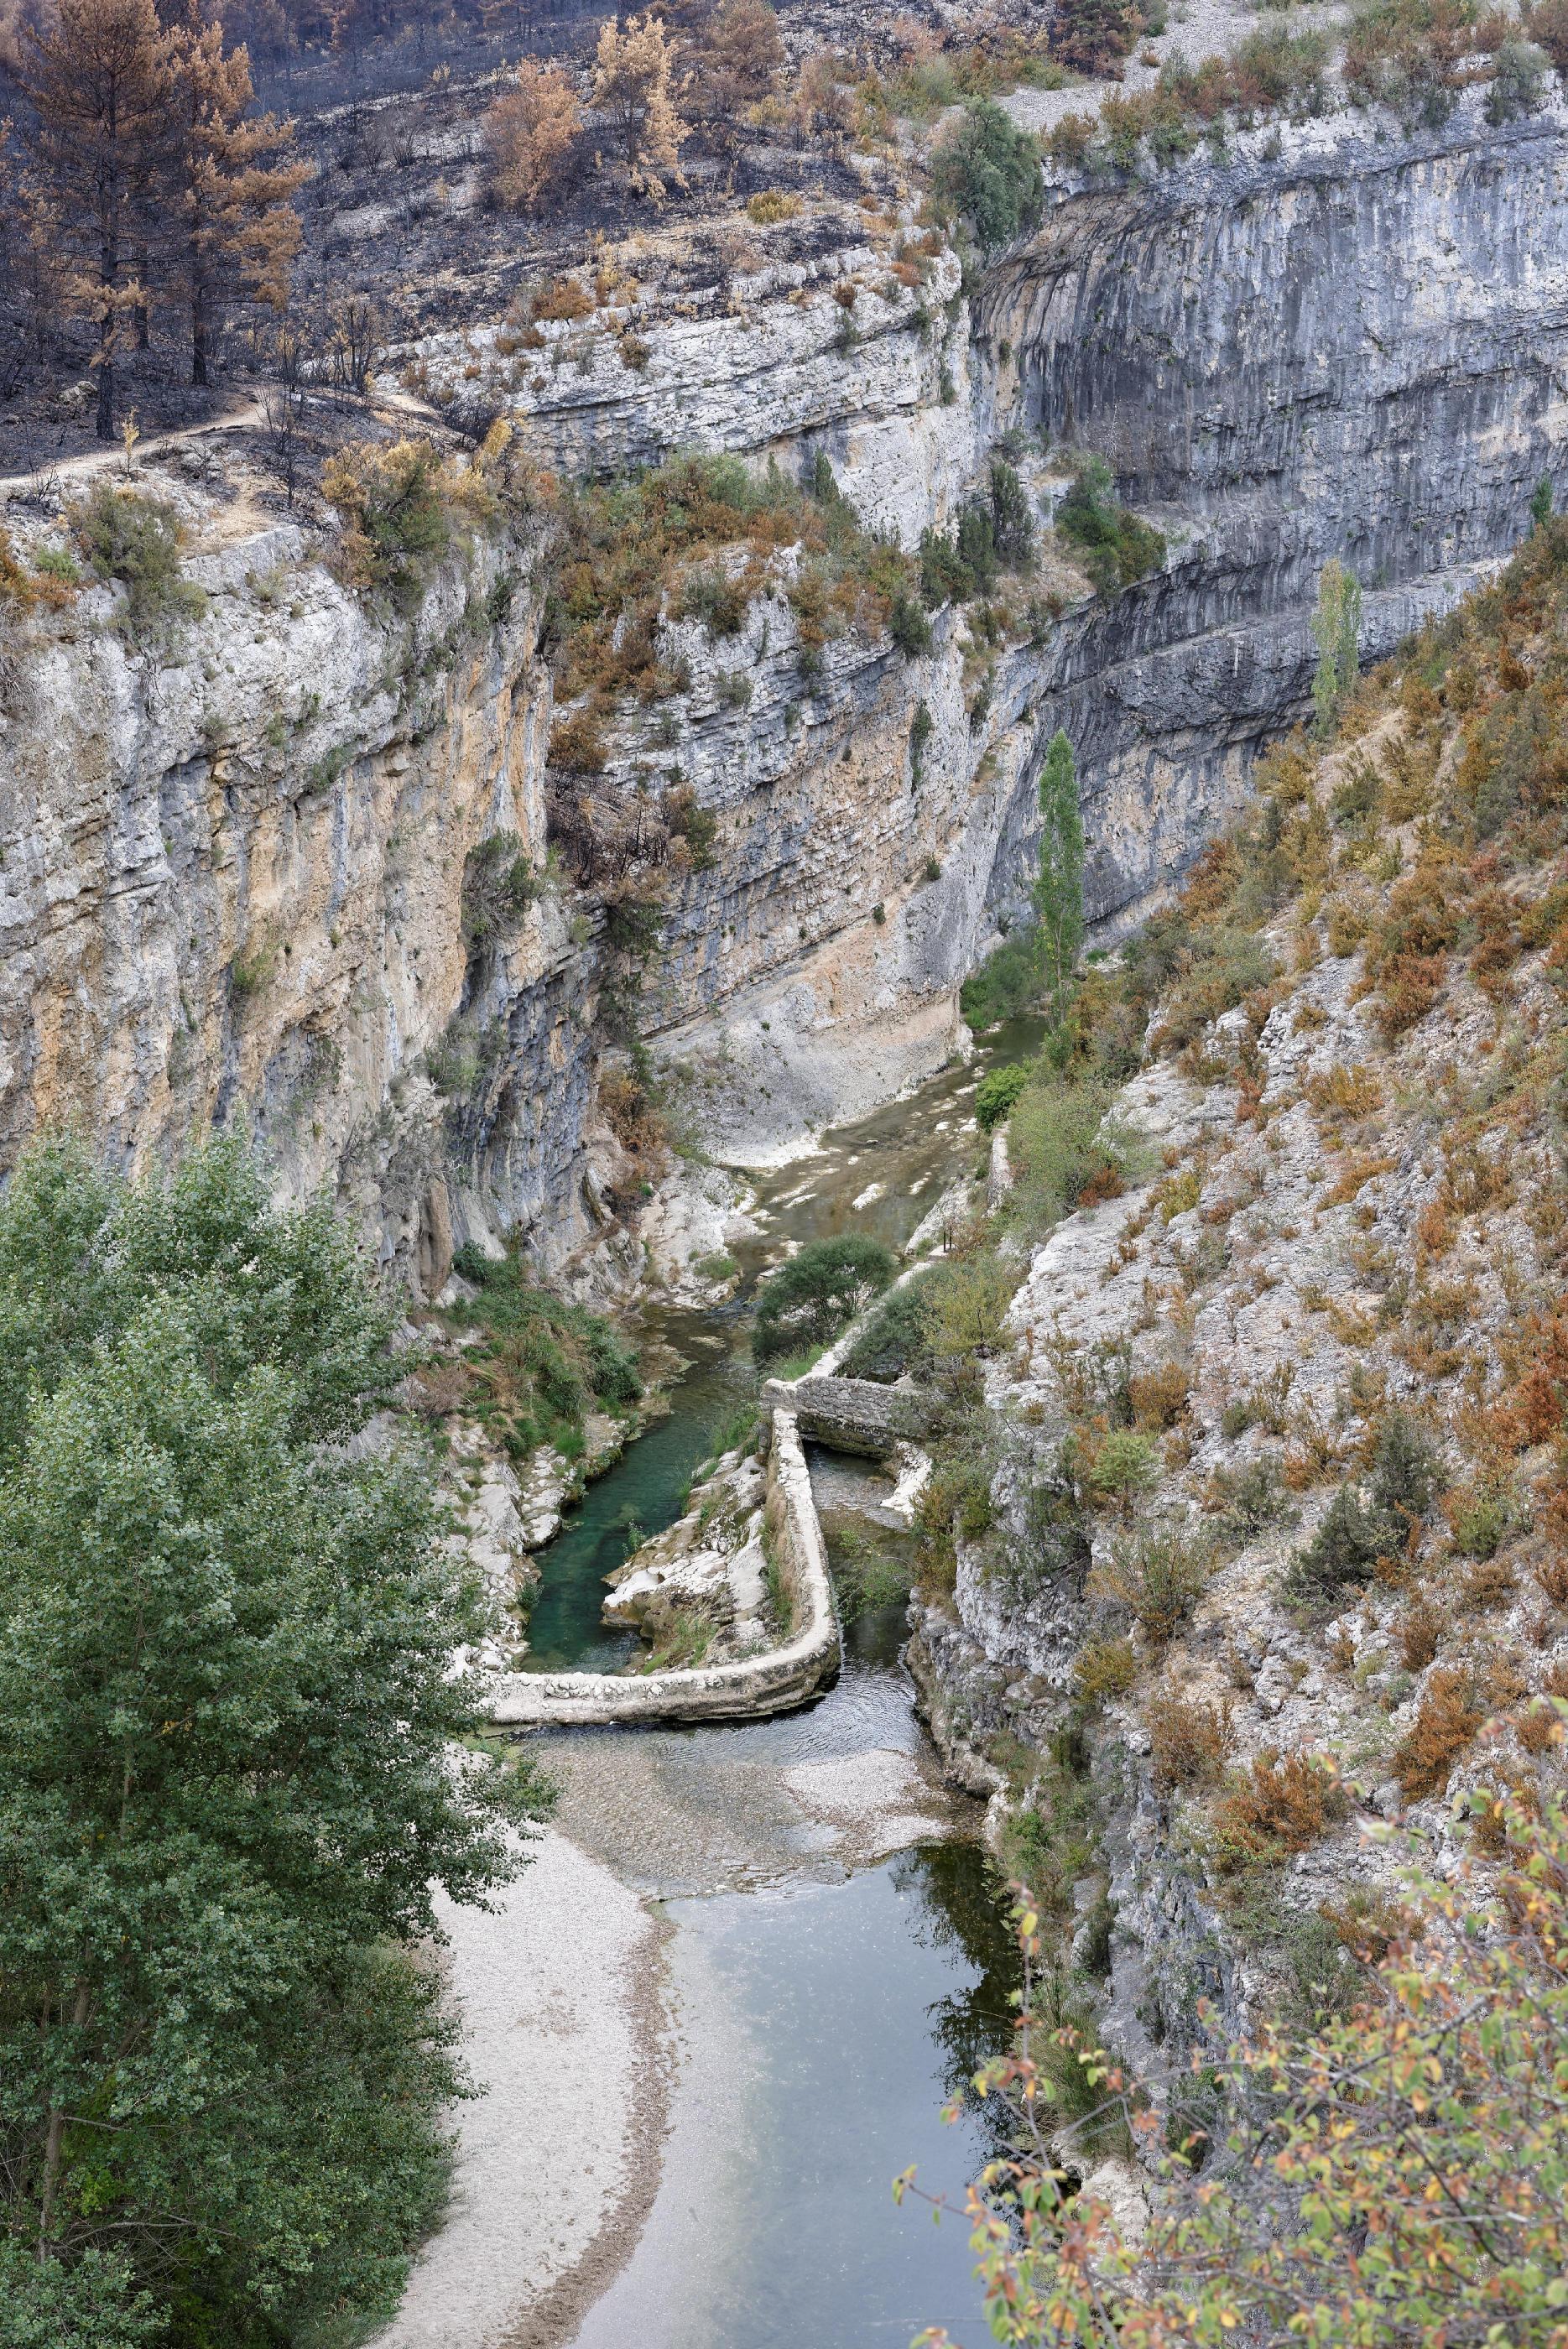 160909-lecina-marche-canyon-del-rio-vero-puente-de-villacantal-sierra-de-guara-aragon-16